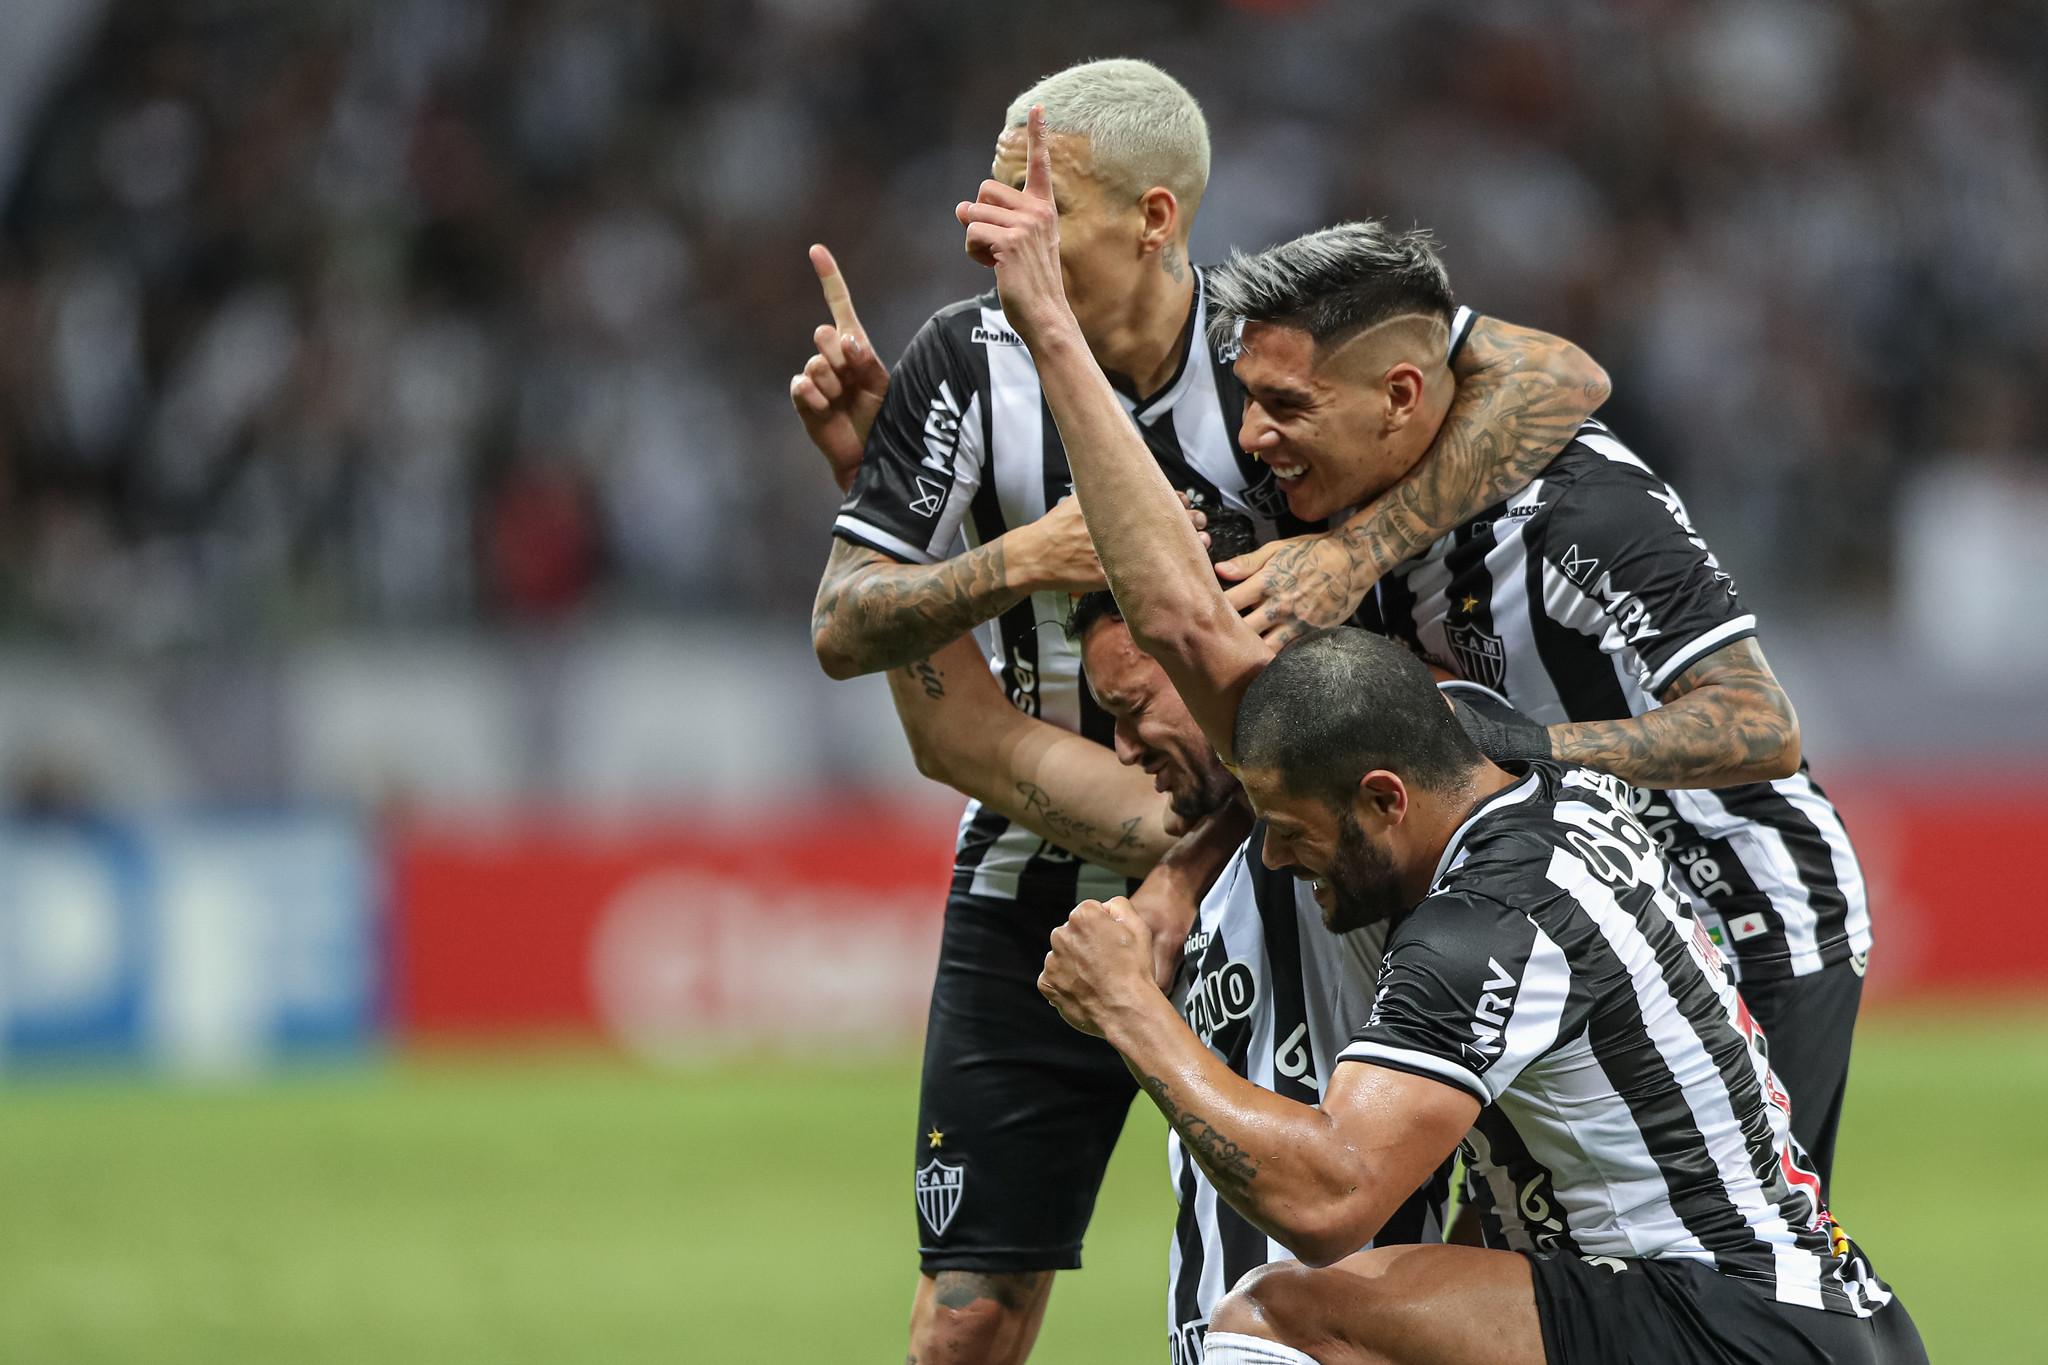 Em 2021, Atlético alcança seu maior número de vitórias no século